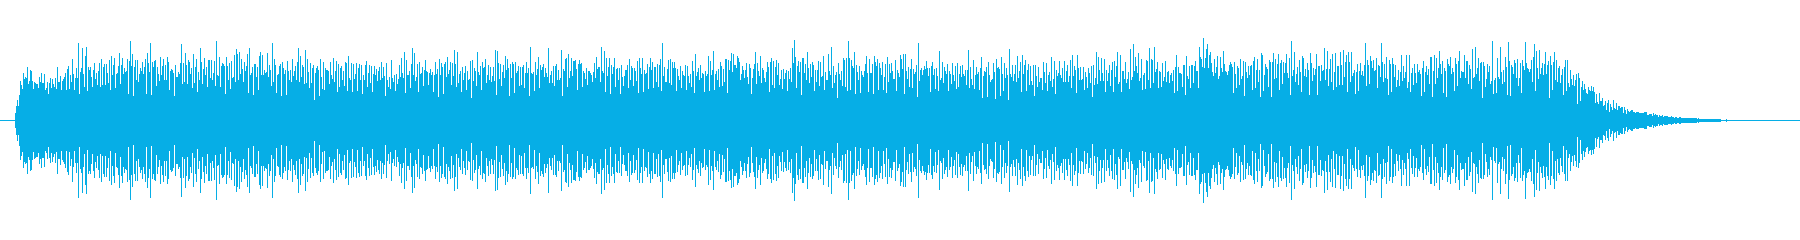 FI デバイス バズ・ソー・ロング03の再生済みの波形